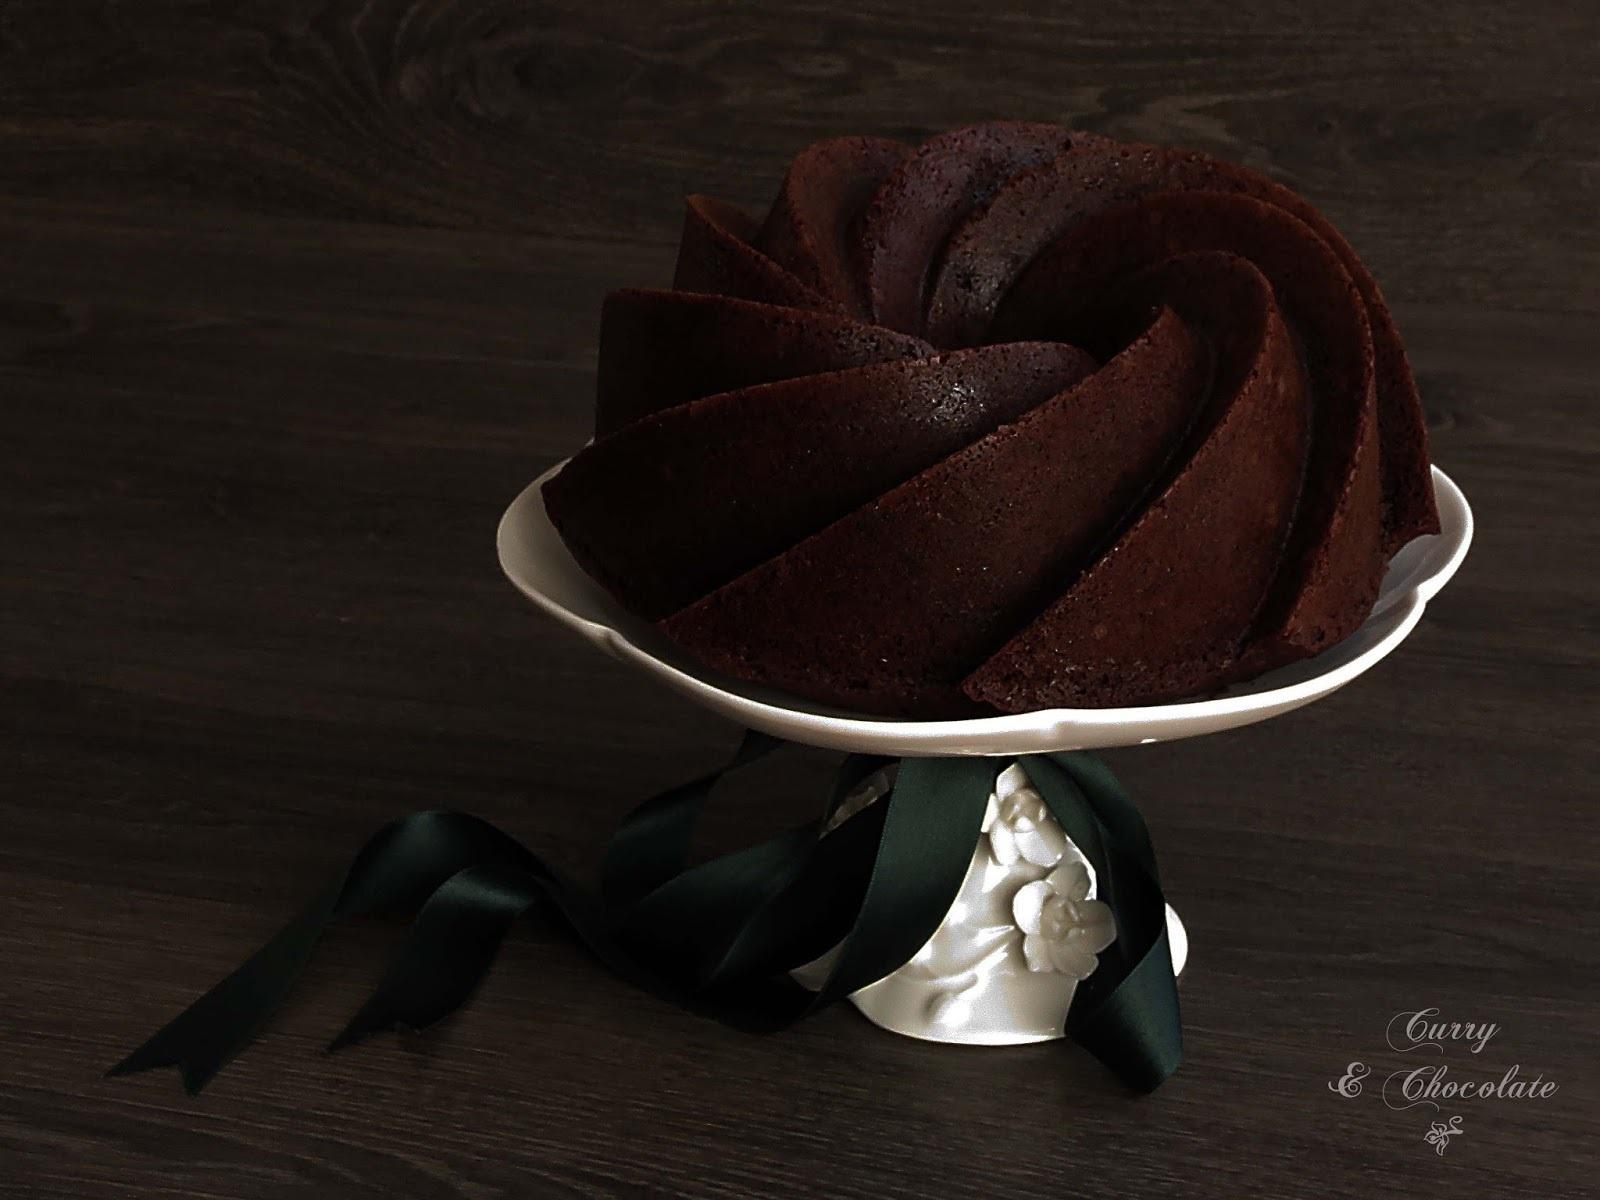 Bizcocho de chocolate y calabacín (con aceite)  - Chocolate zucchini bundt cake